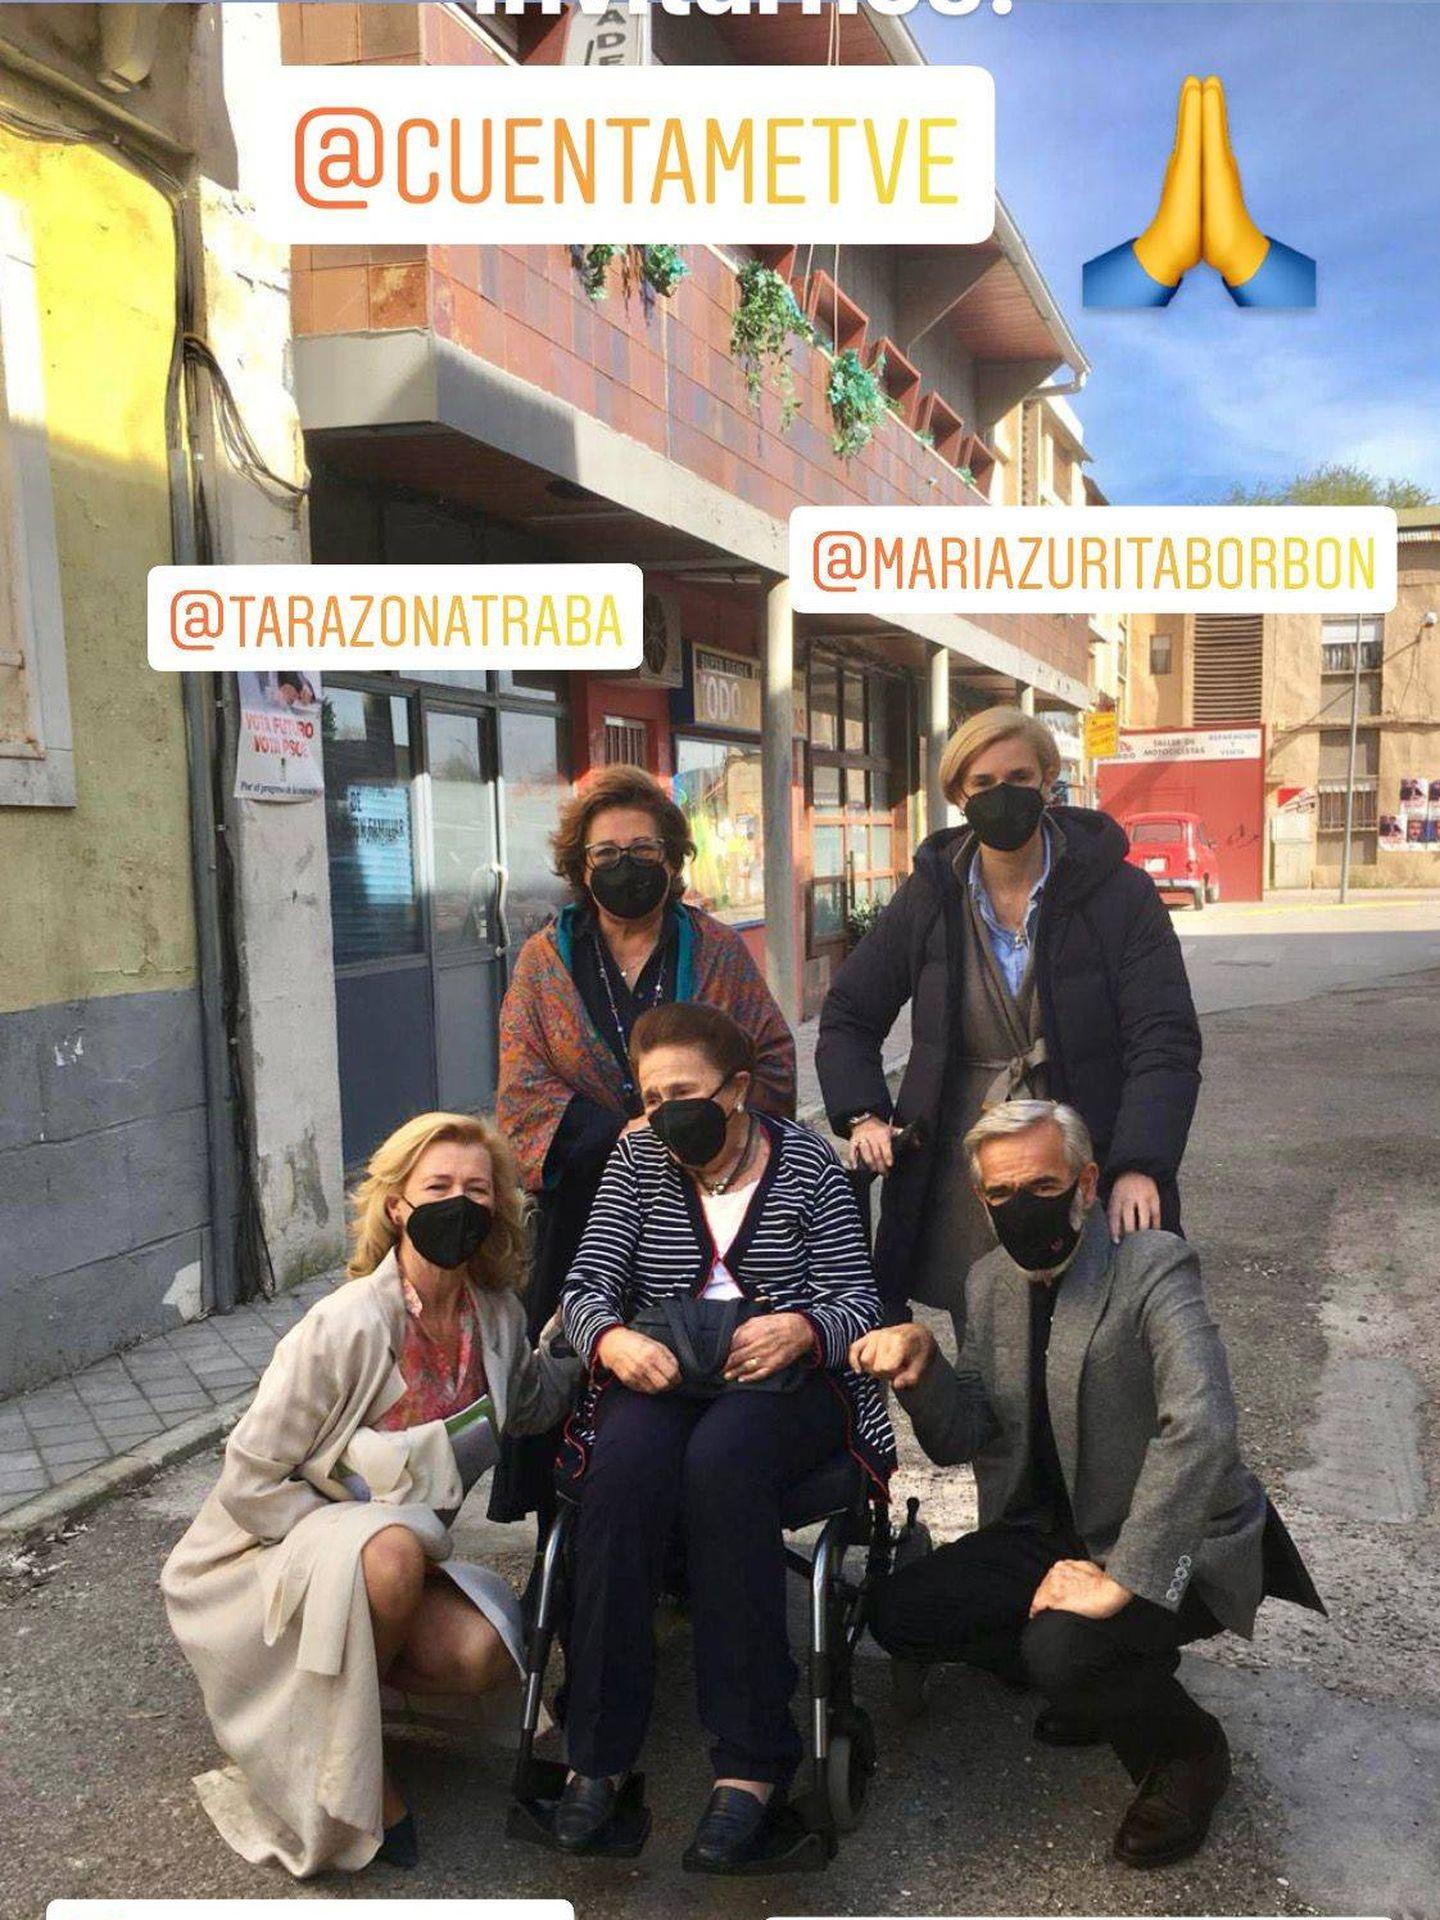 María Zurita y la infanta Margarita, en el rodaje de 'Cuéntame'. (Redes sociales @mariazuritaborbon)